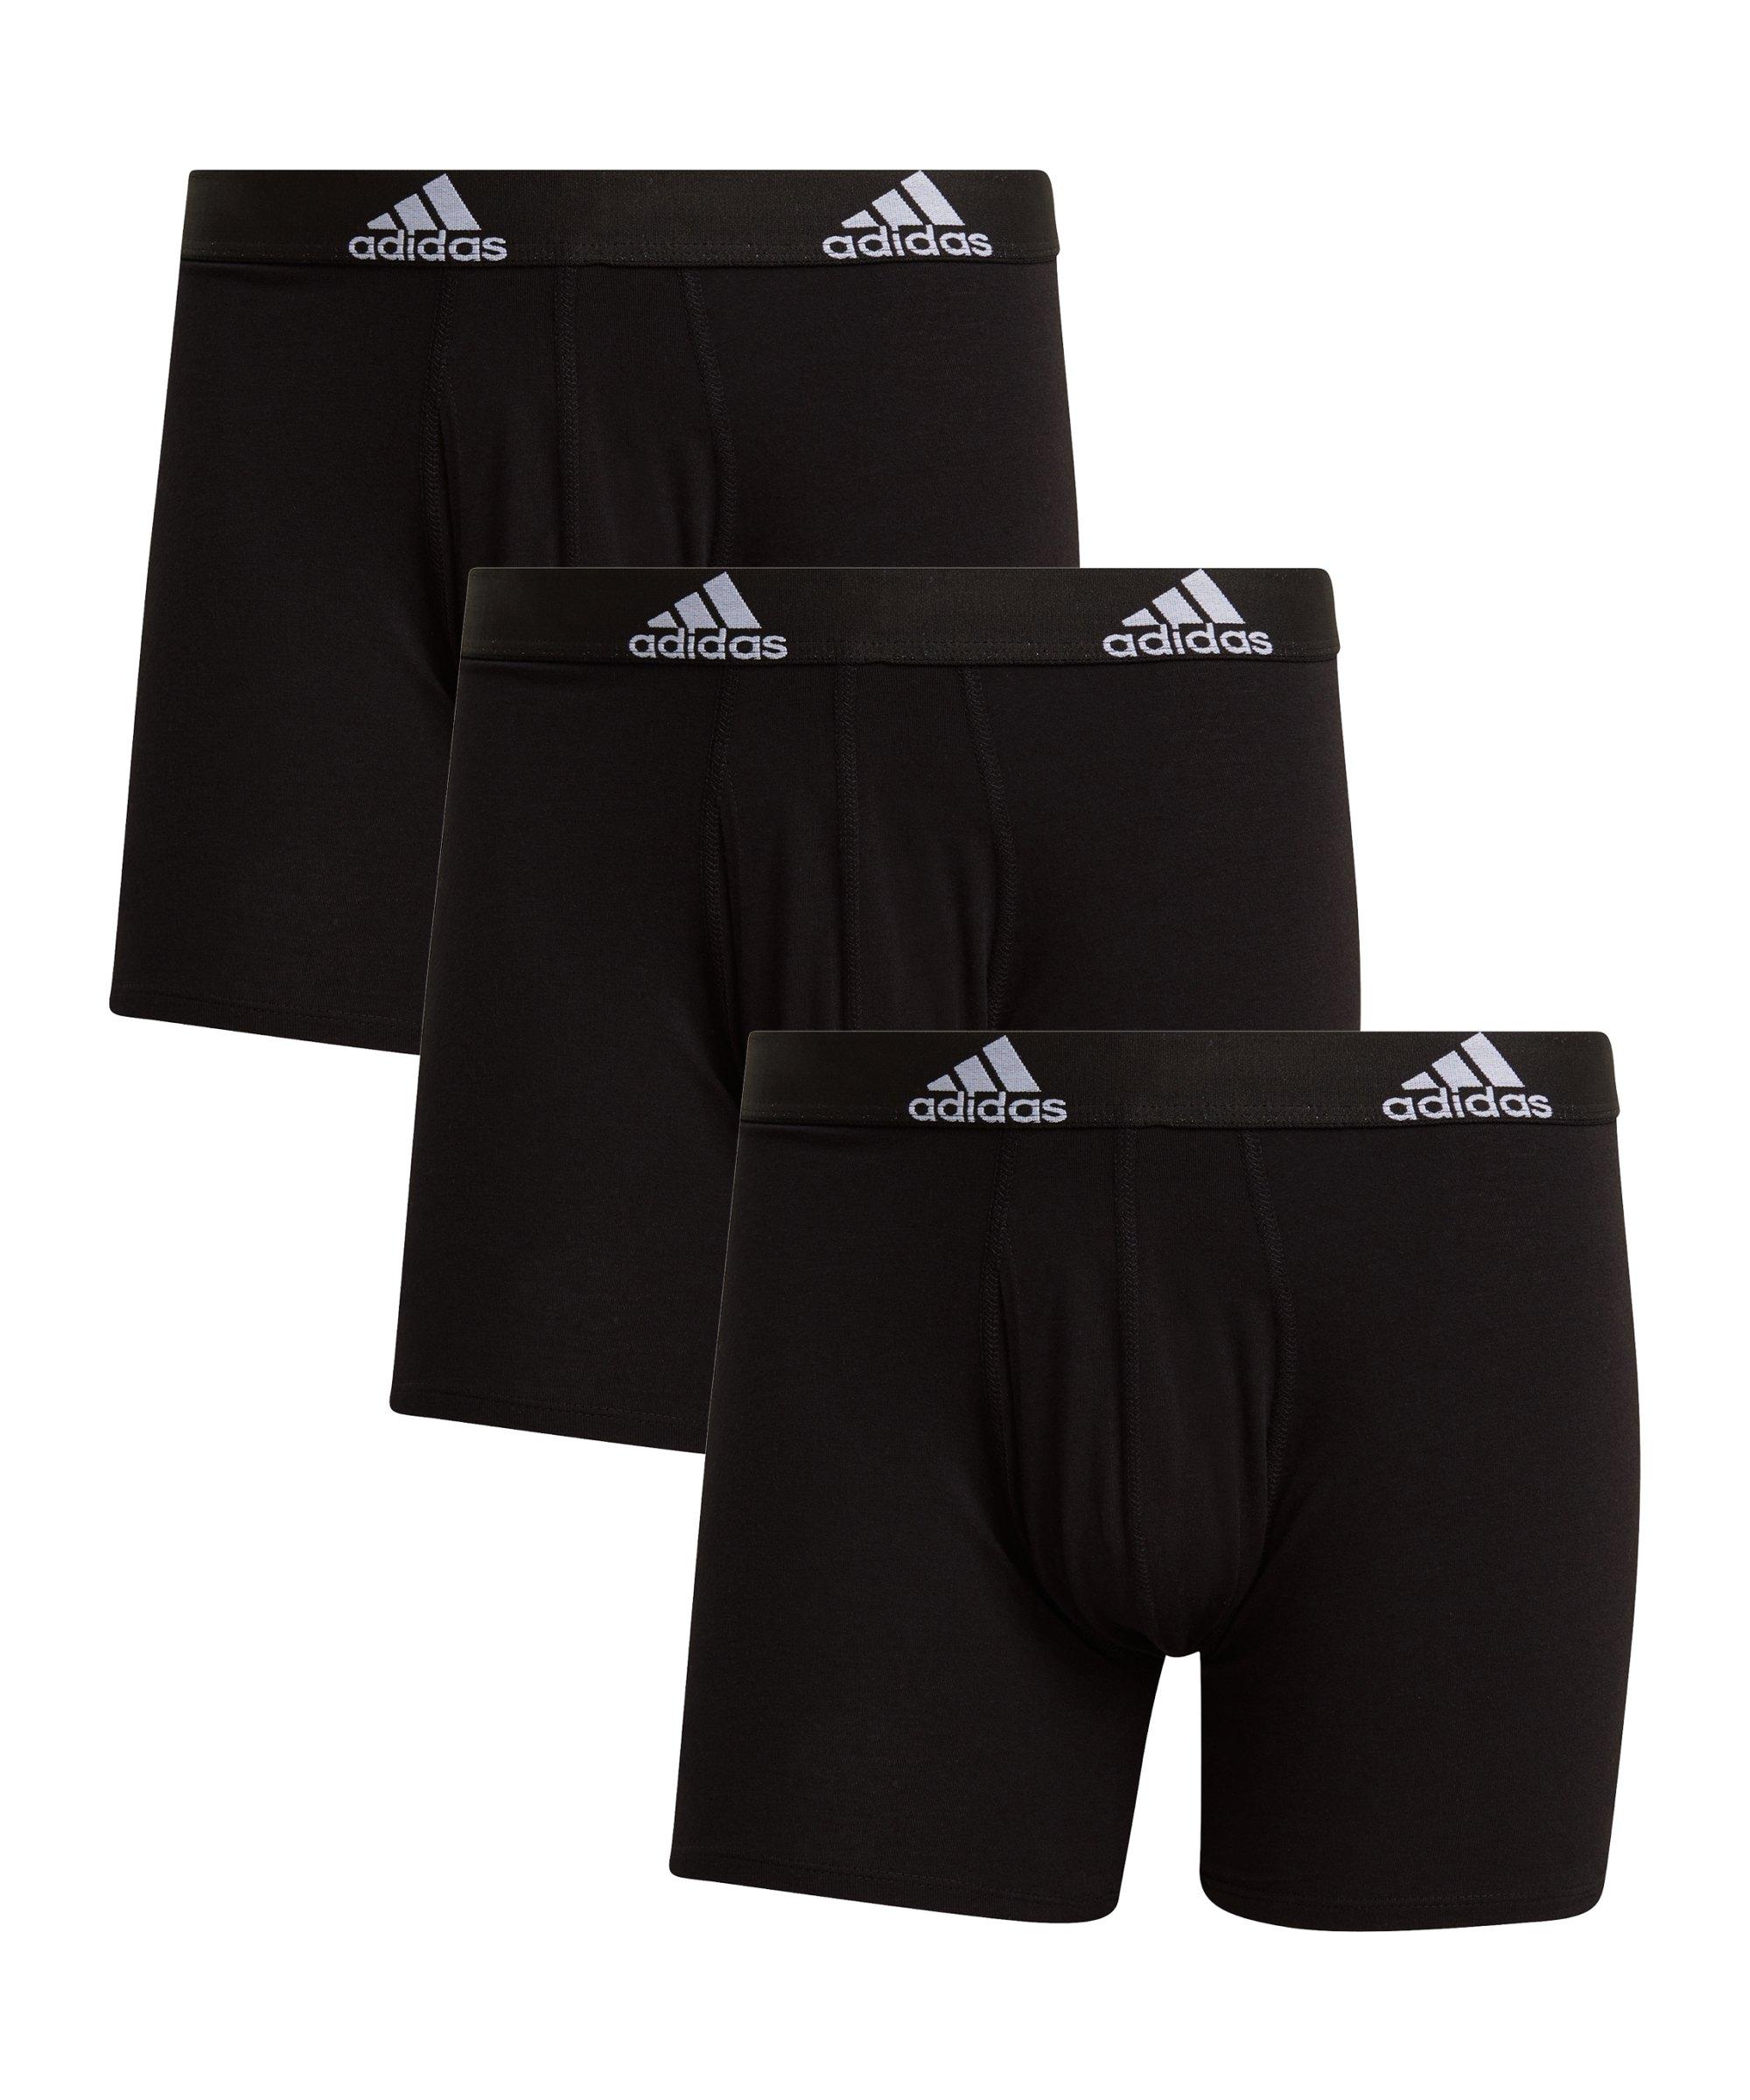 adidas BOS Brief 3er Pack Schwarz - schwarz